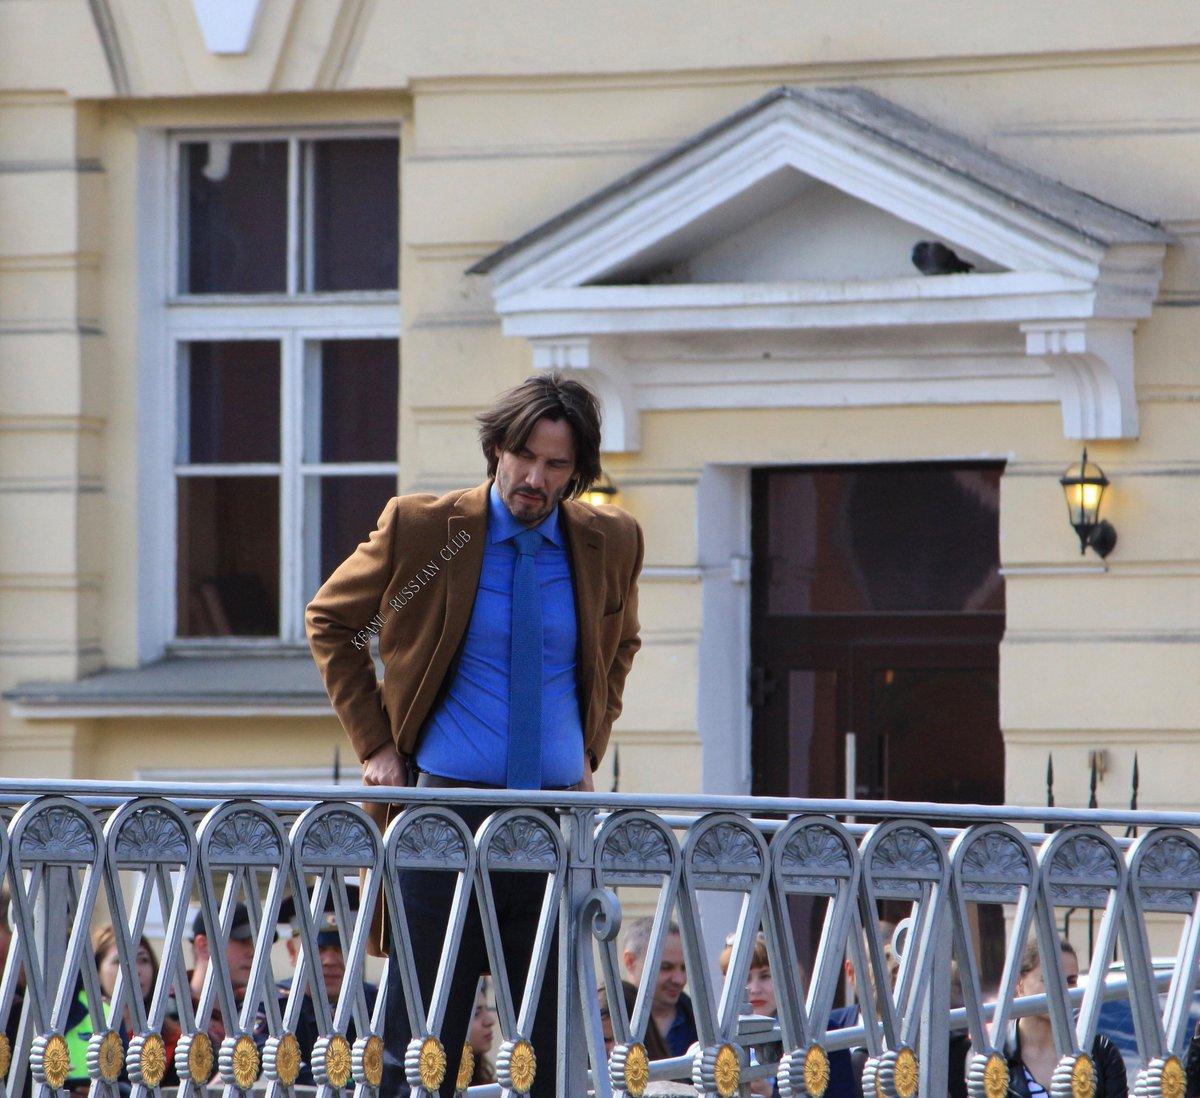 Киану ривз в санкт петербурге фото